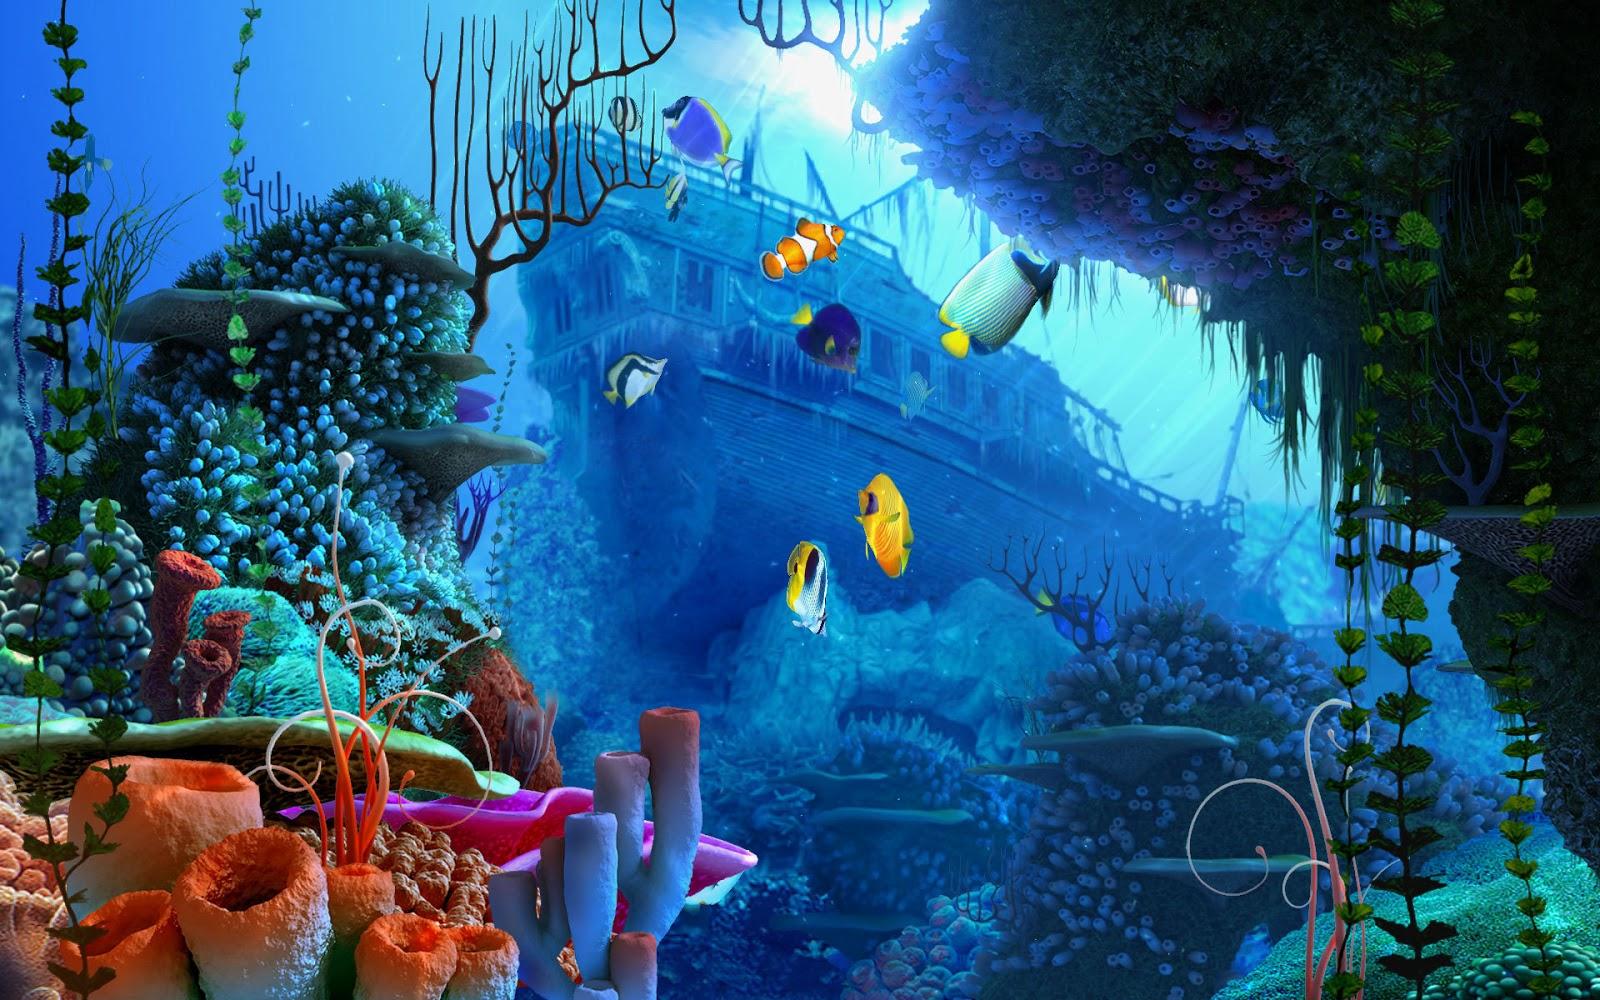 Free 3d Hd Live Wallpaper: Free 3D Wallpapers Download: Aquarium Hd Wallpaper